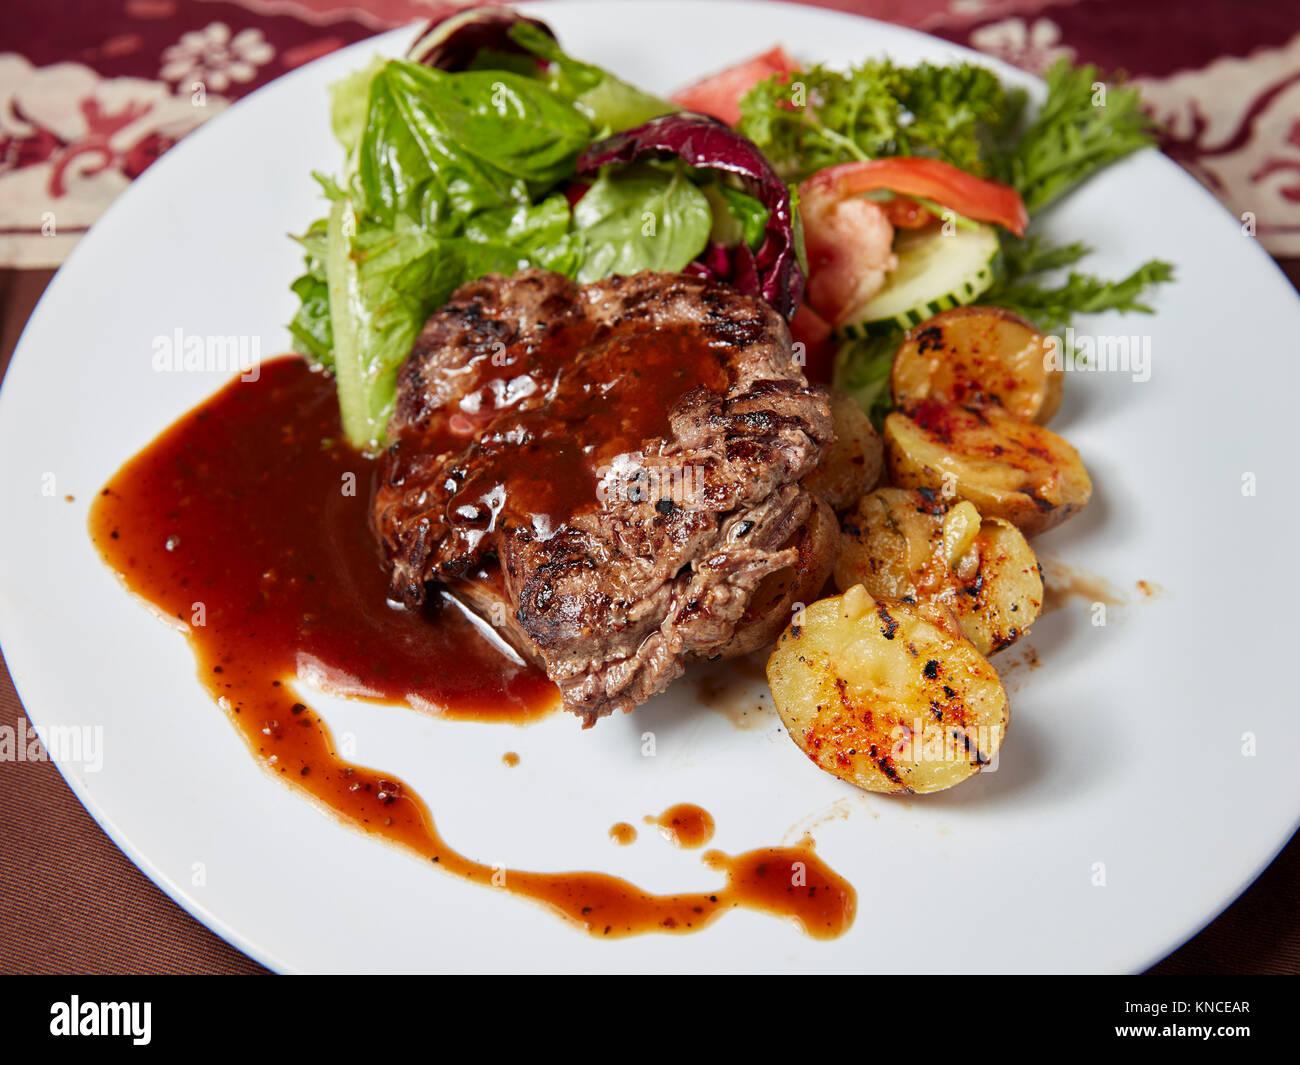 Faux filet de boeuf grillé steak avec les quartiers de pommes de terre et salade verte servi dans un warung Photo Stock